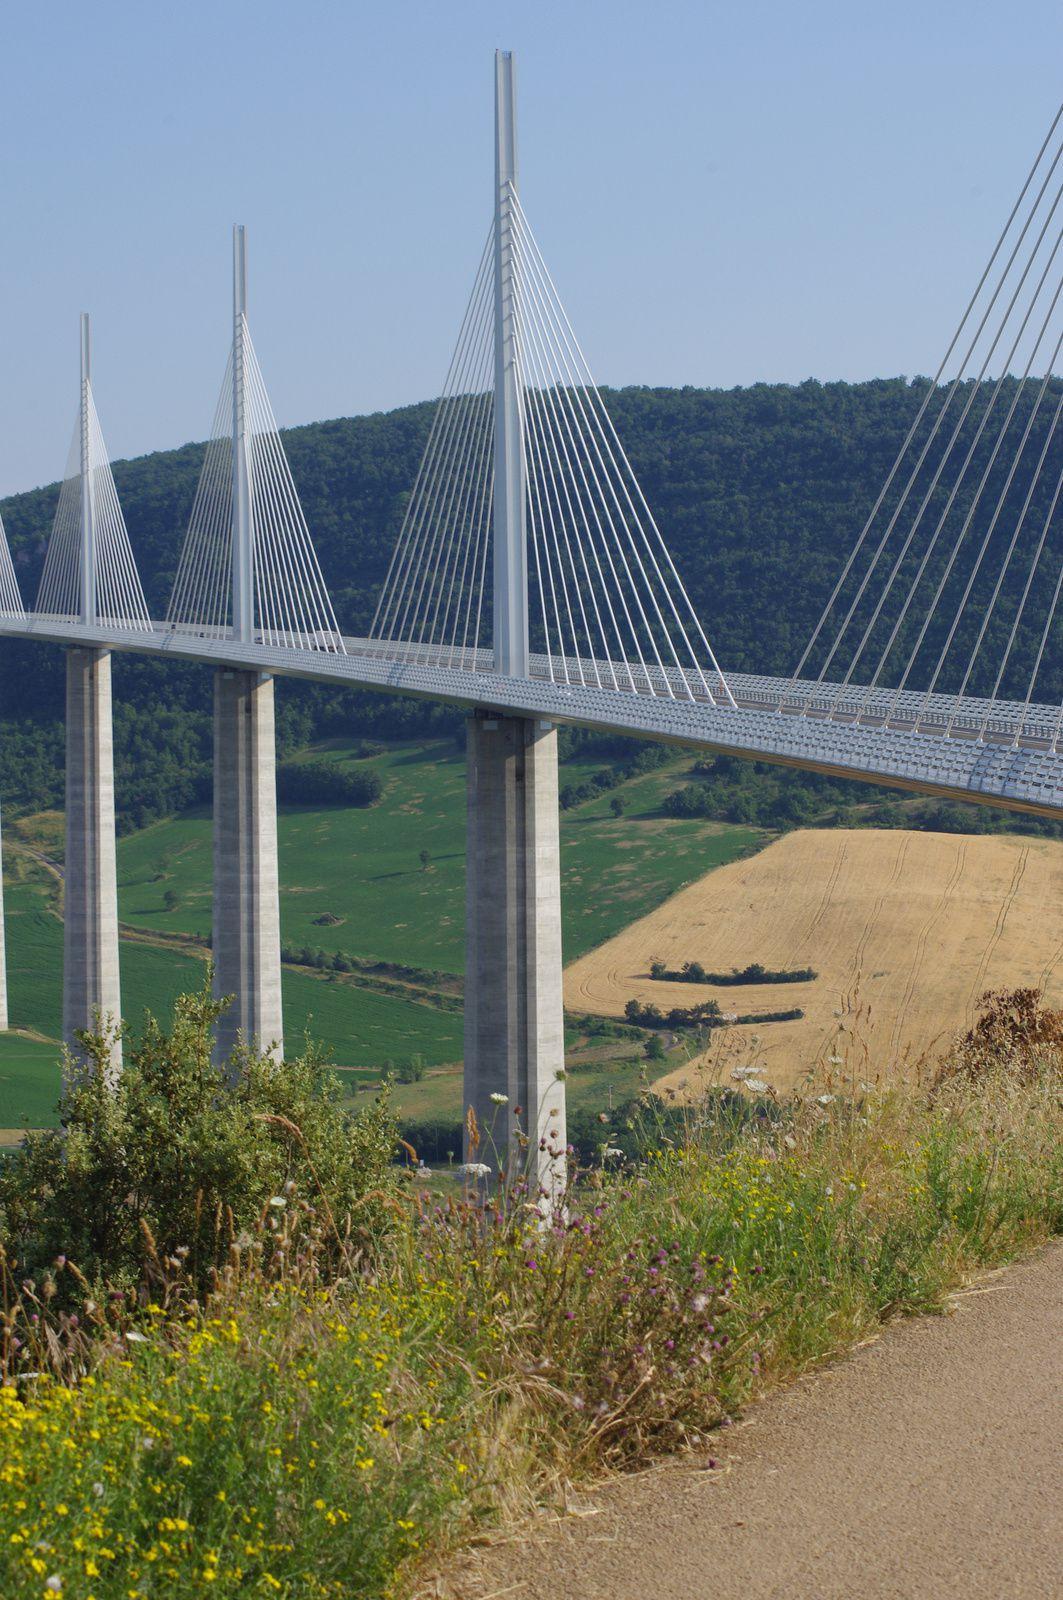 Réponses : Le mythique pont de San Francisco, le très joli pont Charilaos Trikoupis en Grèce, le non moins célèbre pont de Normandie, et le superbe viaduc de Millau.